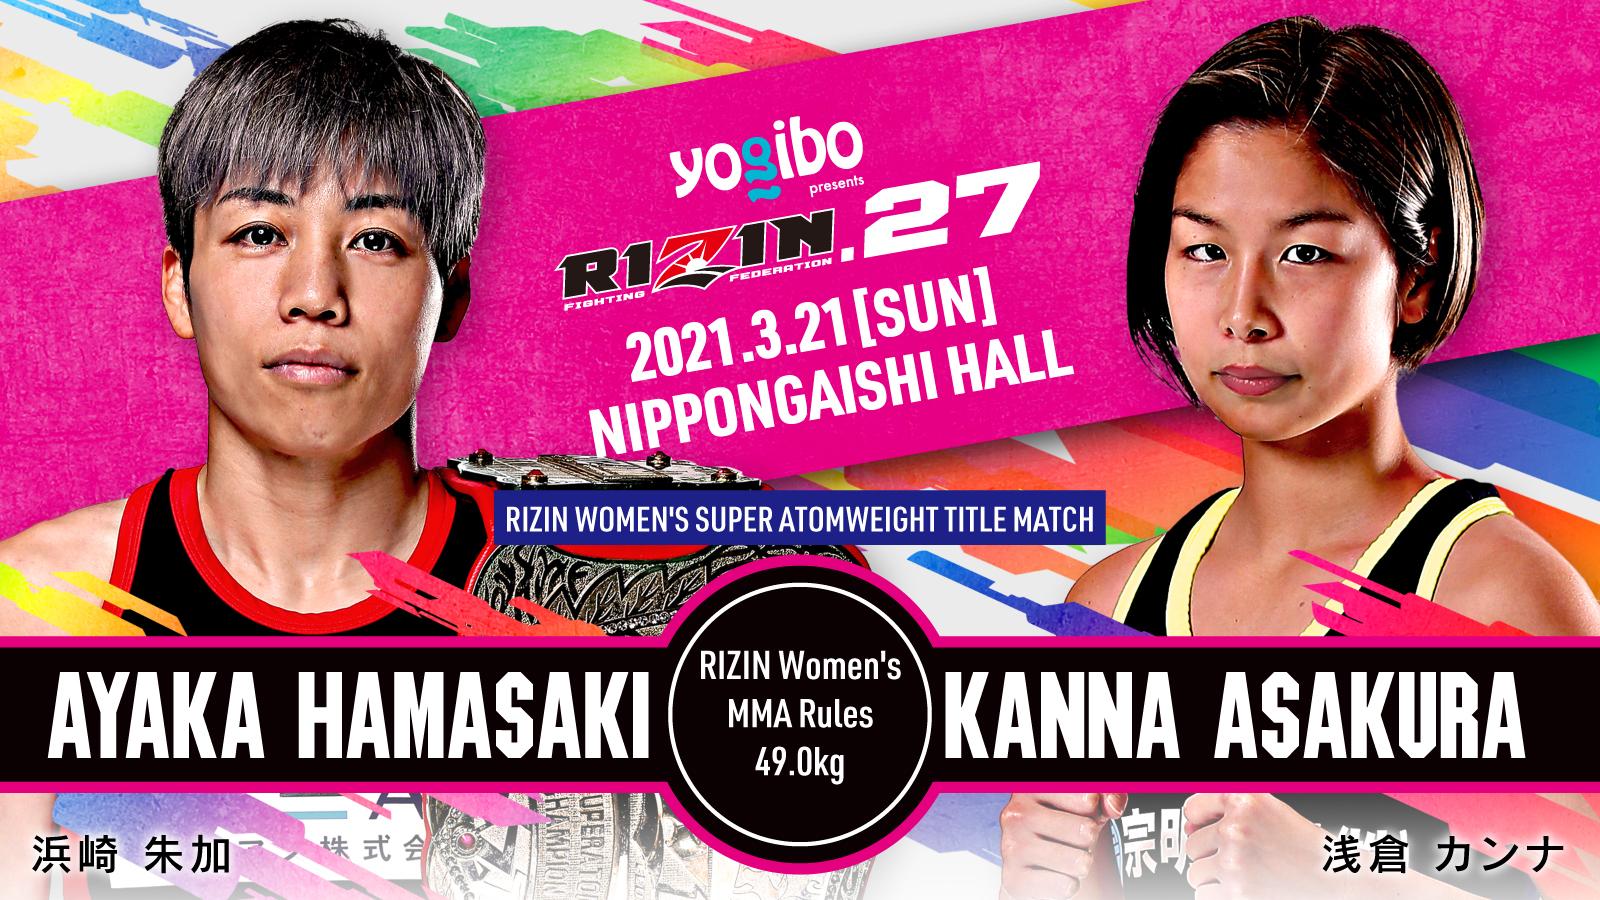 女子スーパーアトム級タイトルマッチ 浜崎朱加 vs. 浅倉カンナ